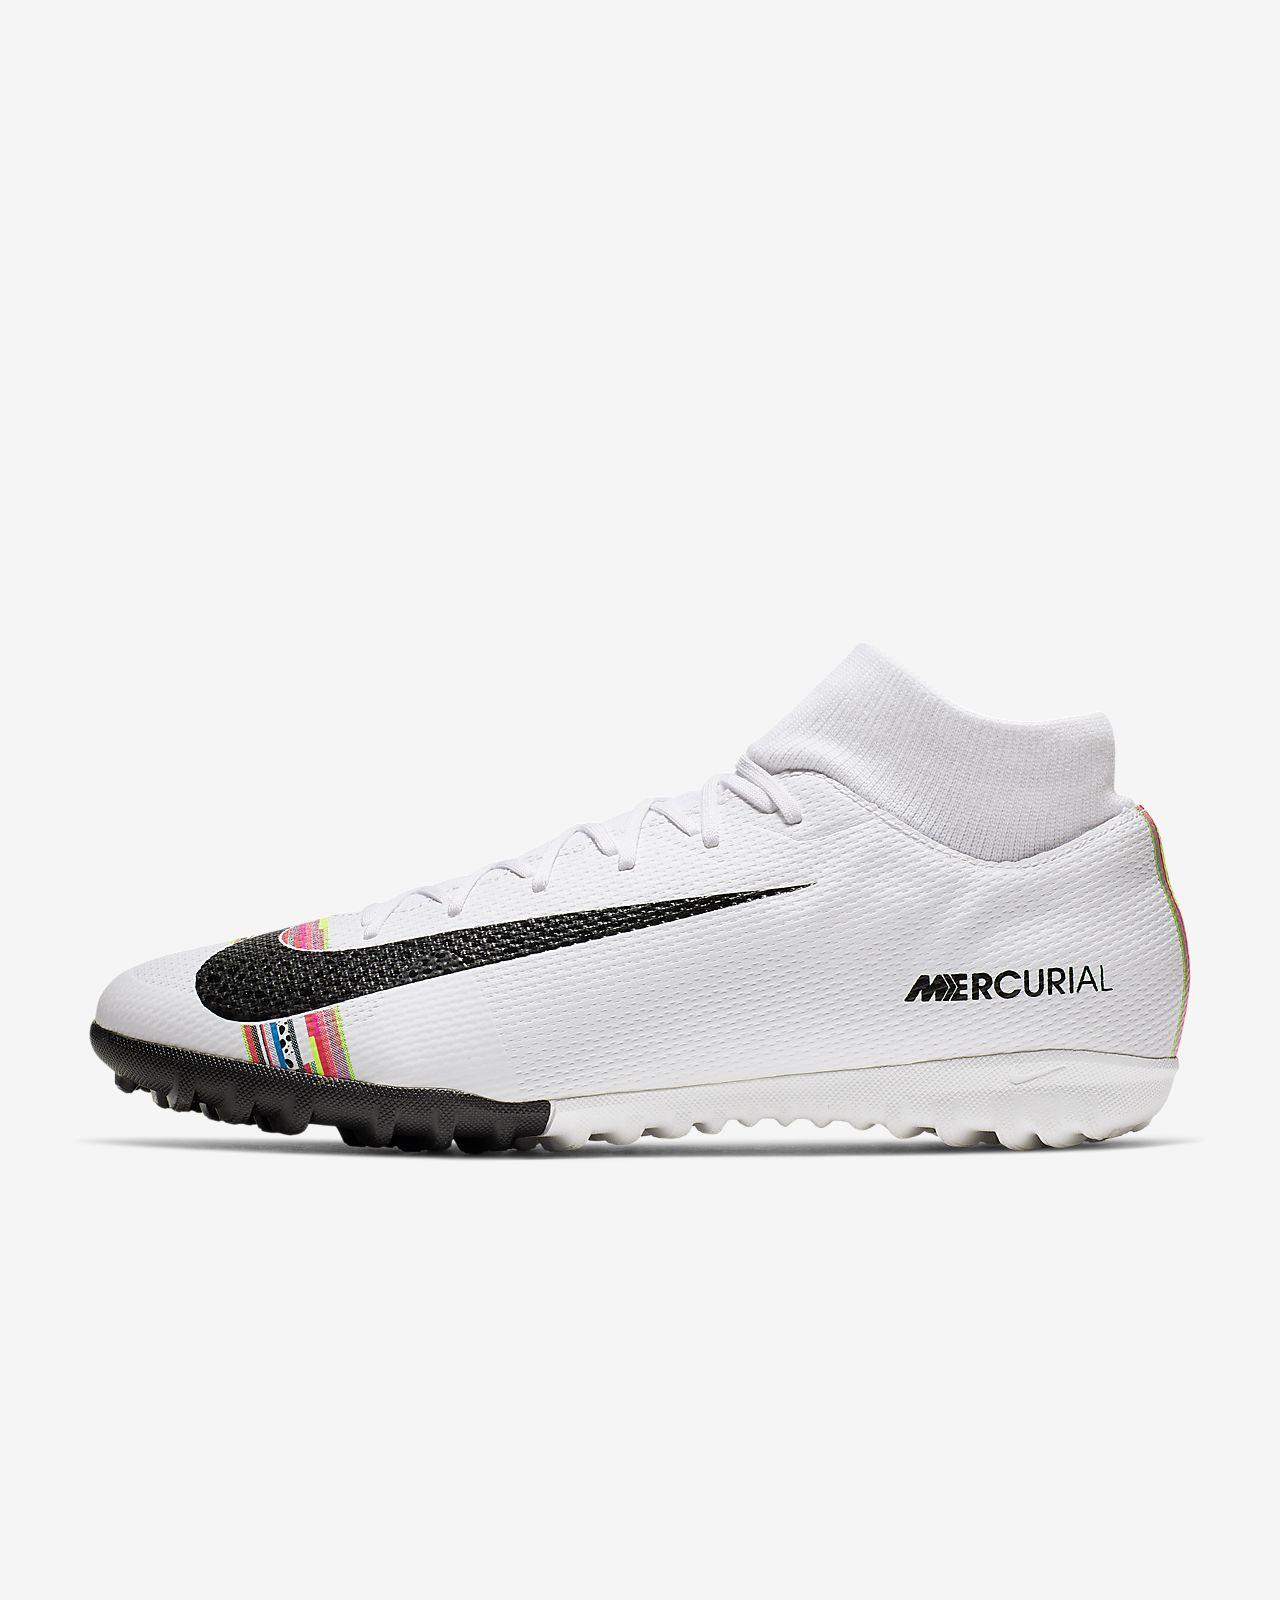 รองเท้าฟุตบอลสำหรับพื้นสนามหญ้าเทียม Nike SuperflyX 6 Academy LVL UP TF